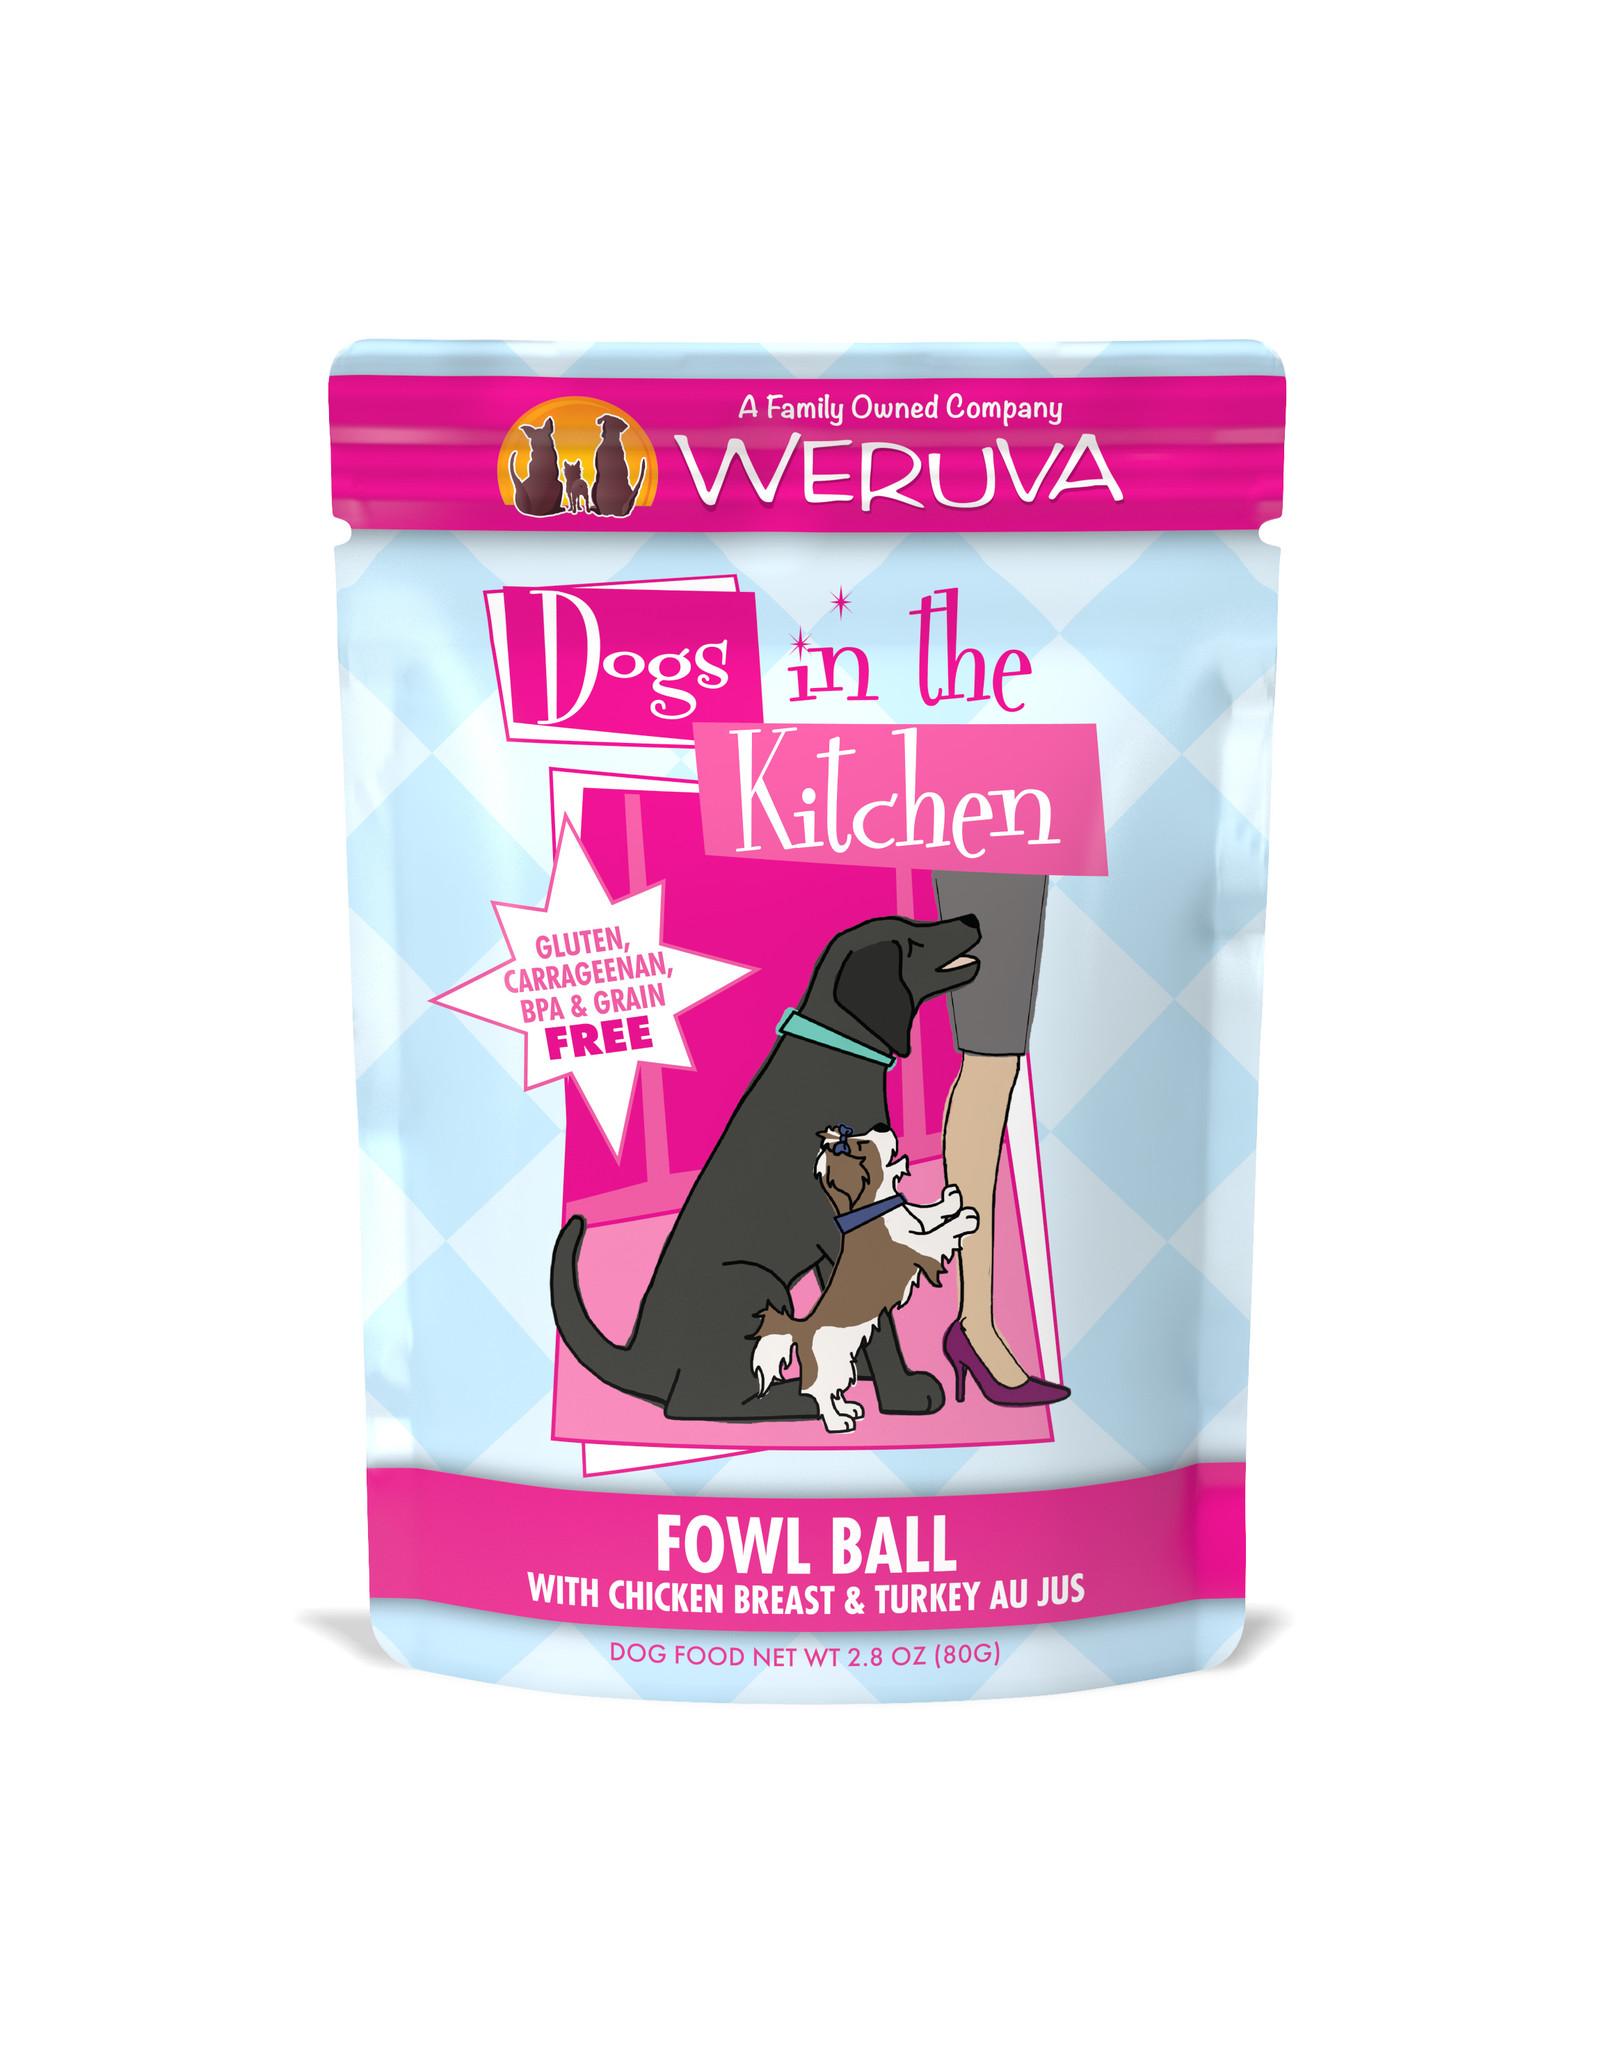 Weruva WERUVA DOG DOGS IN THE KITCHEN FOWL BALL WITH CHICKEN BREAST & TURKEY AU JUS 2.8OZ